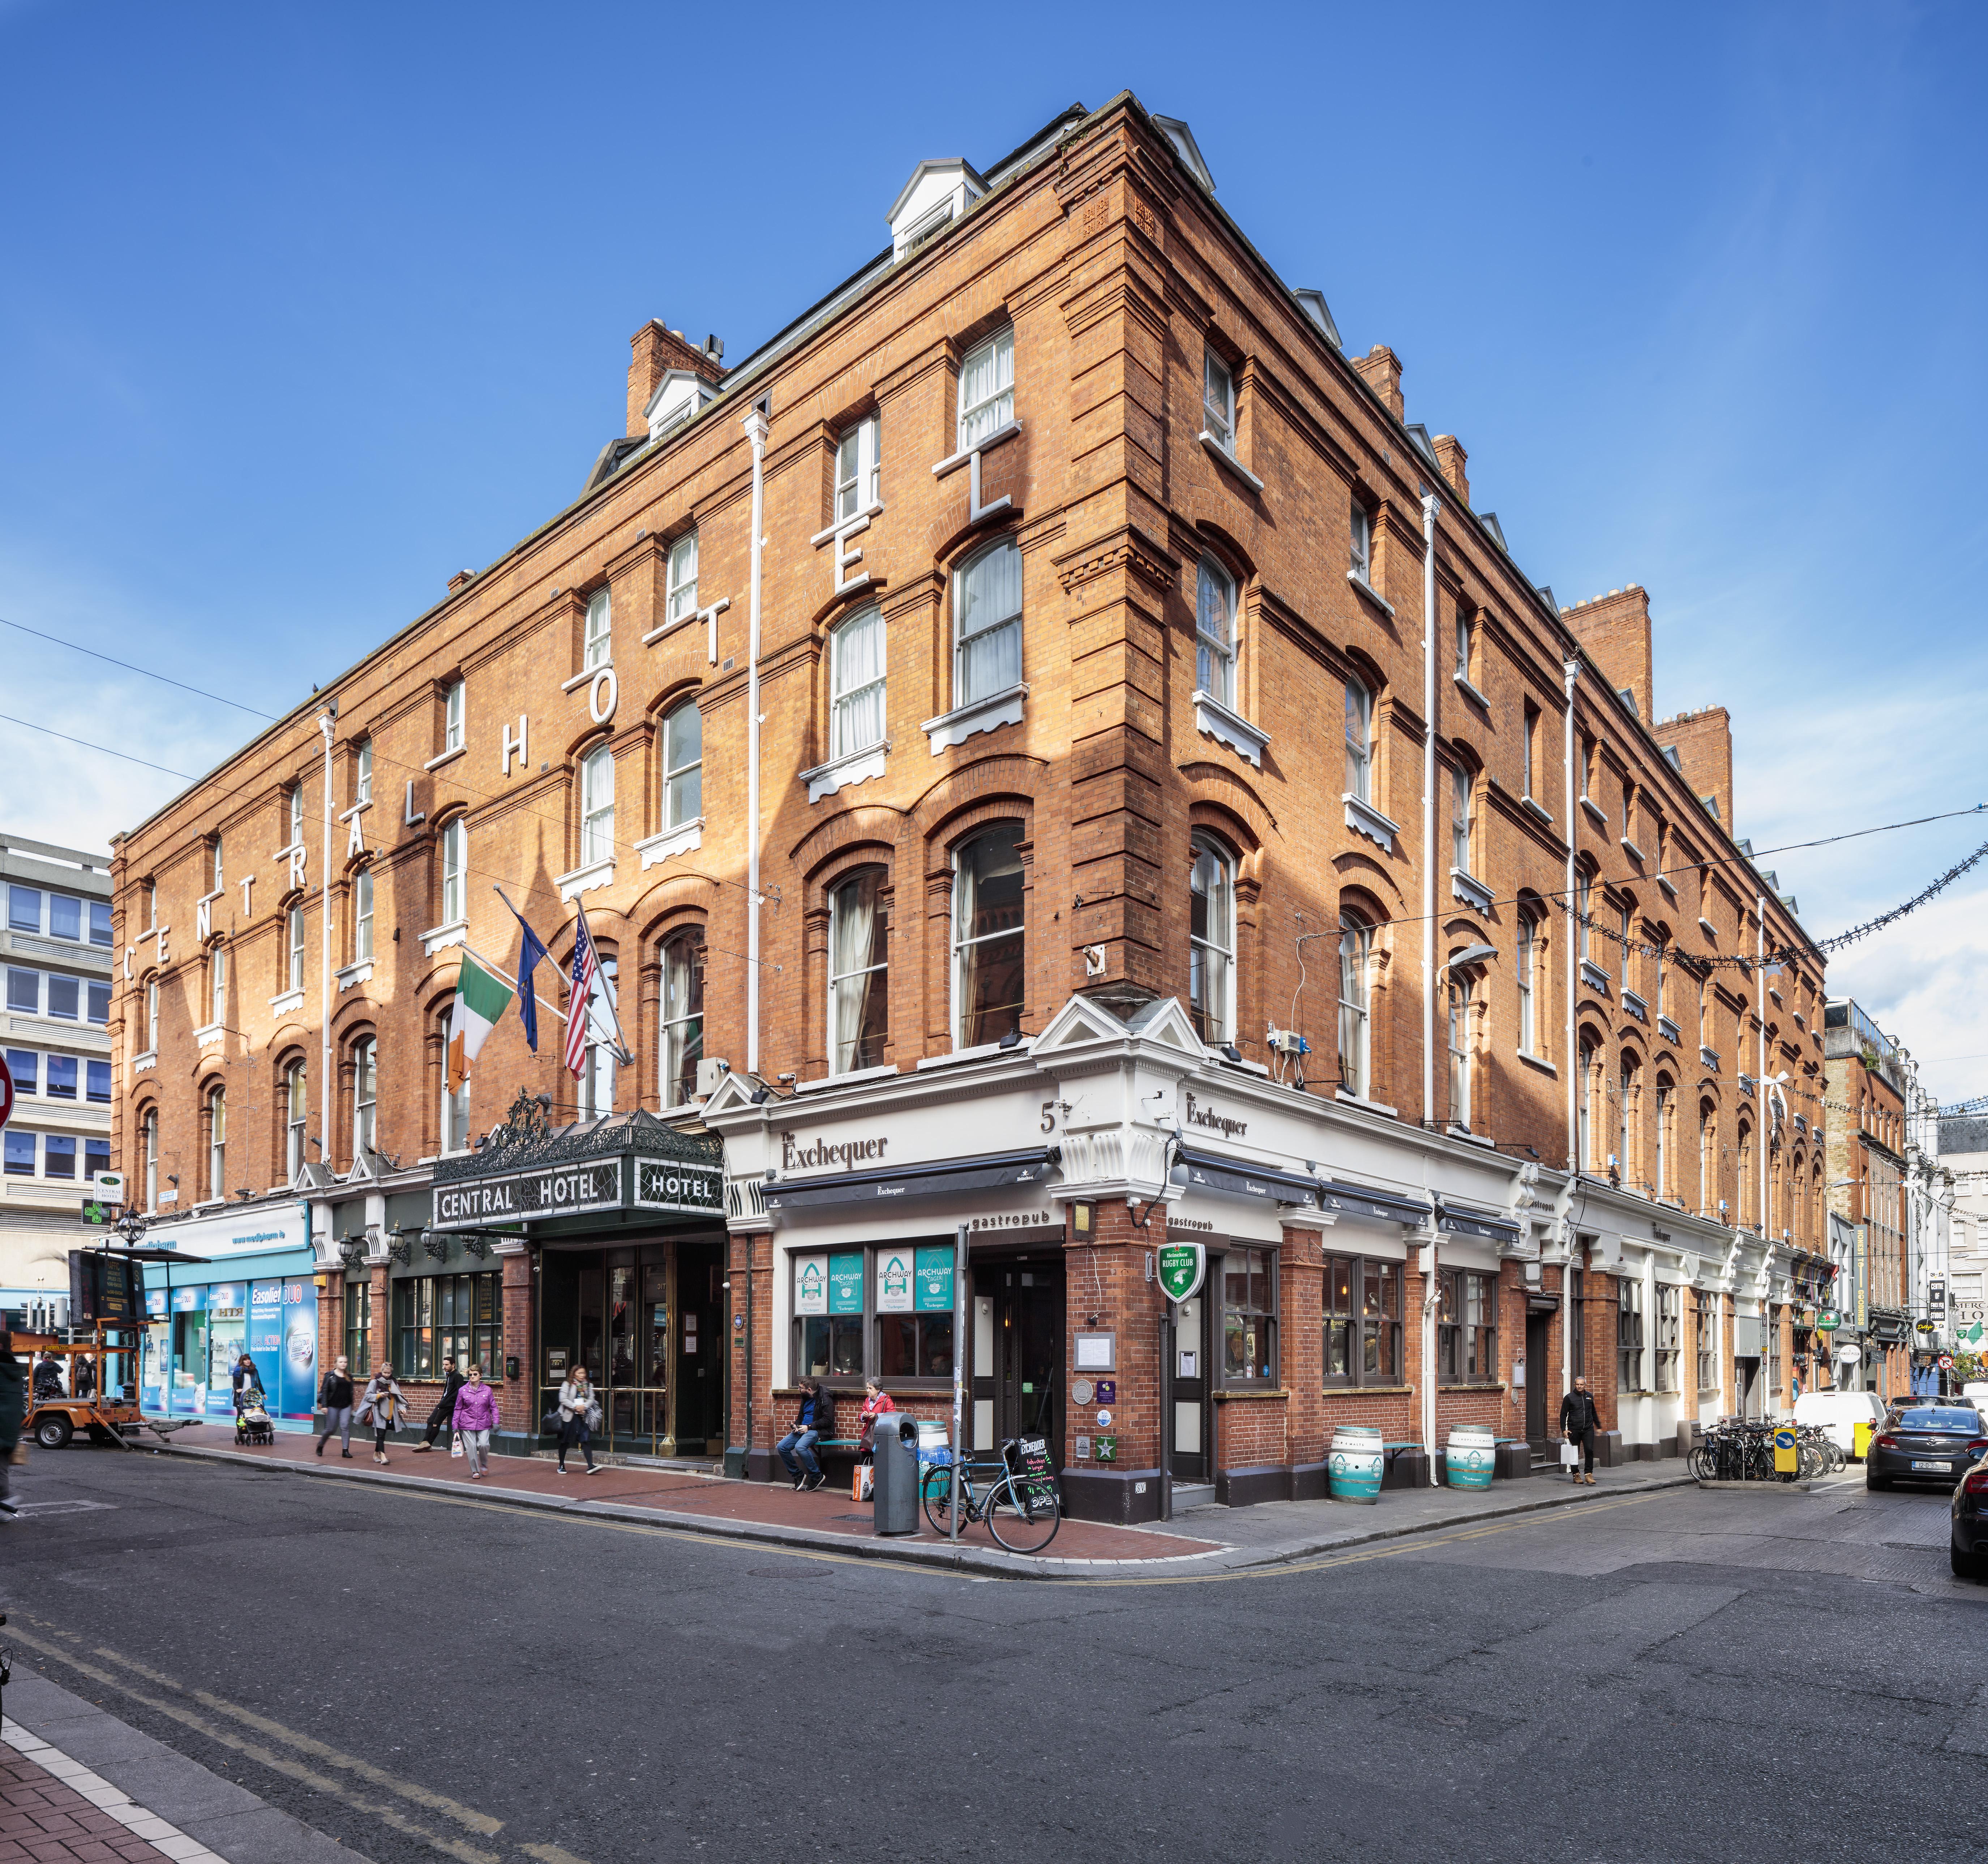 Central Hotel, Dublin Deutsche Finance International Property Investment